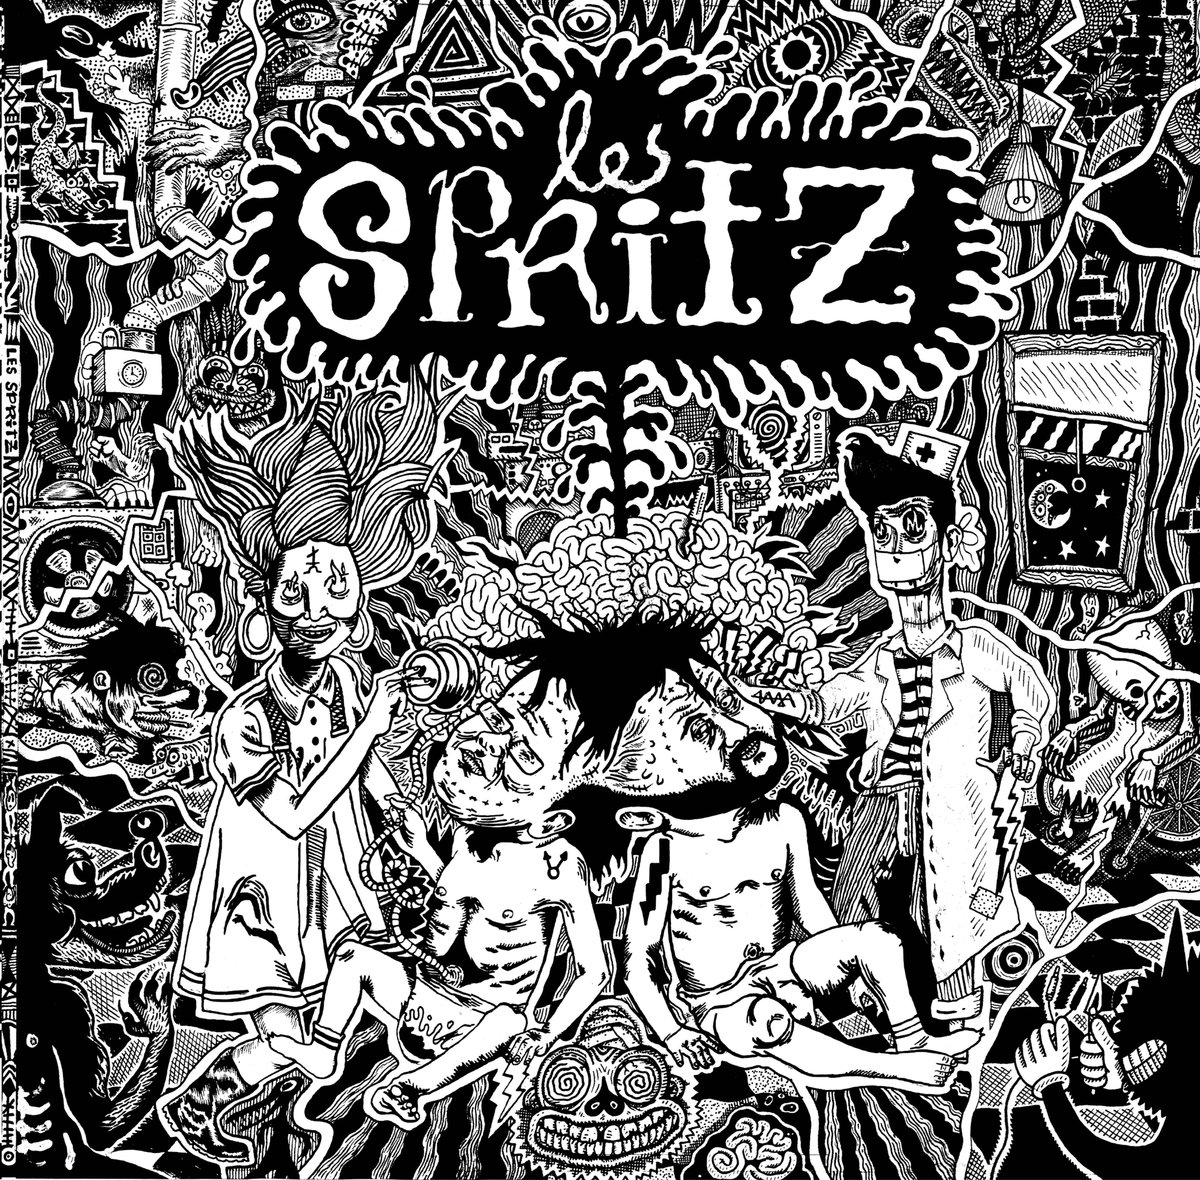 Les Spritz - Les Spritz